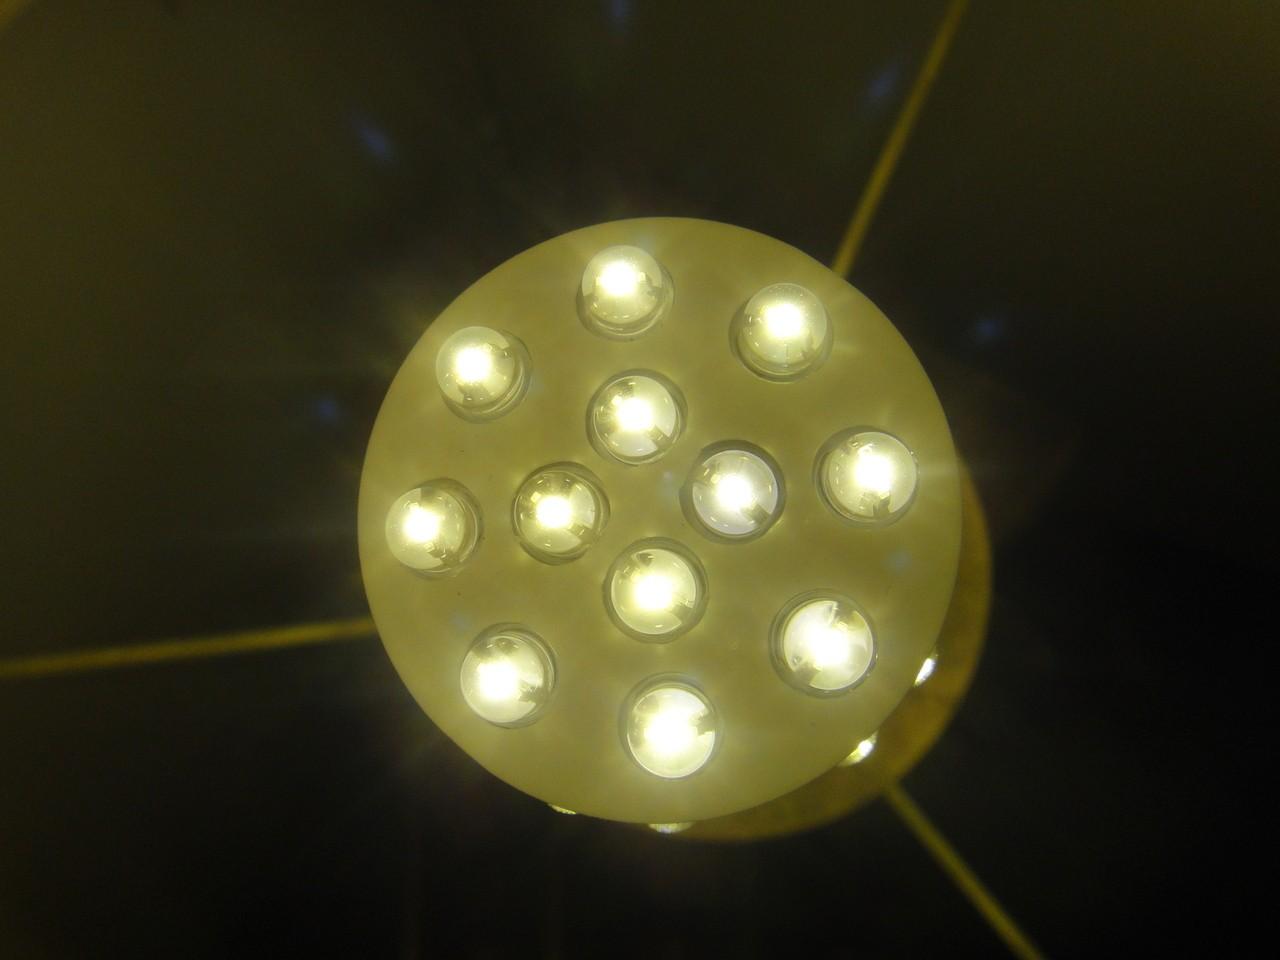 Oświetlenie szynowe do biura – dlaczego warto na nie postawić?